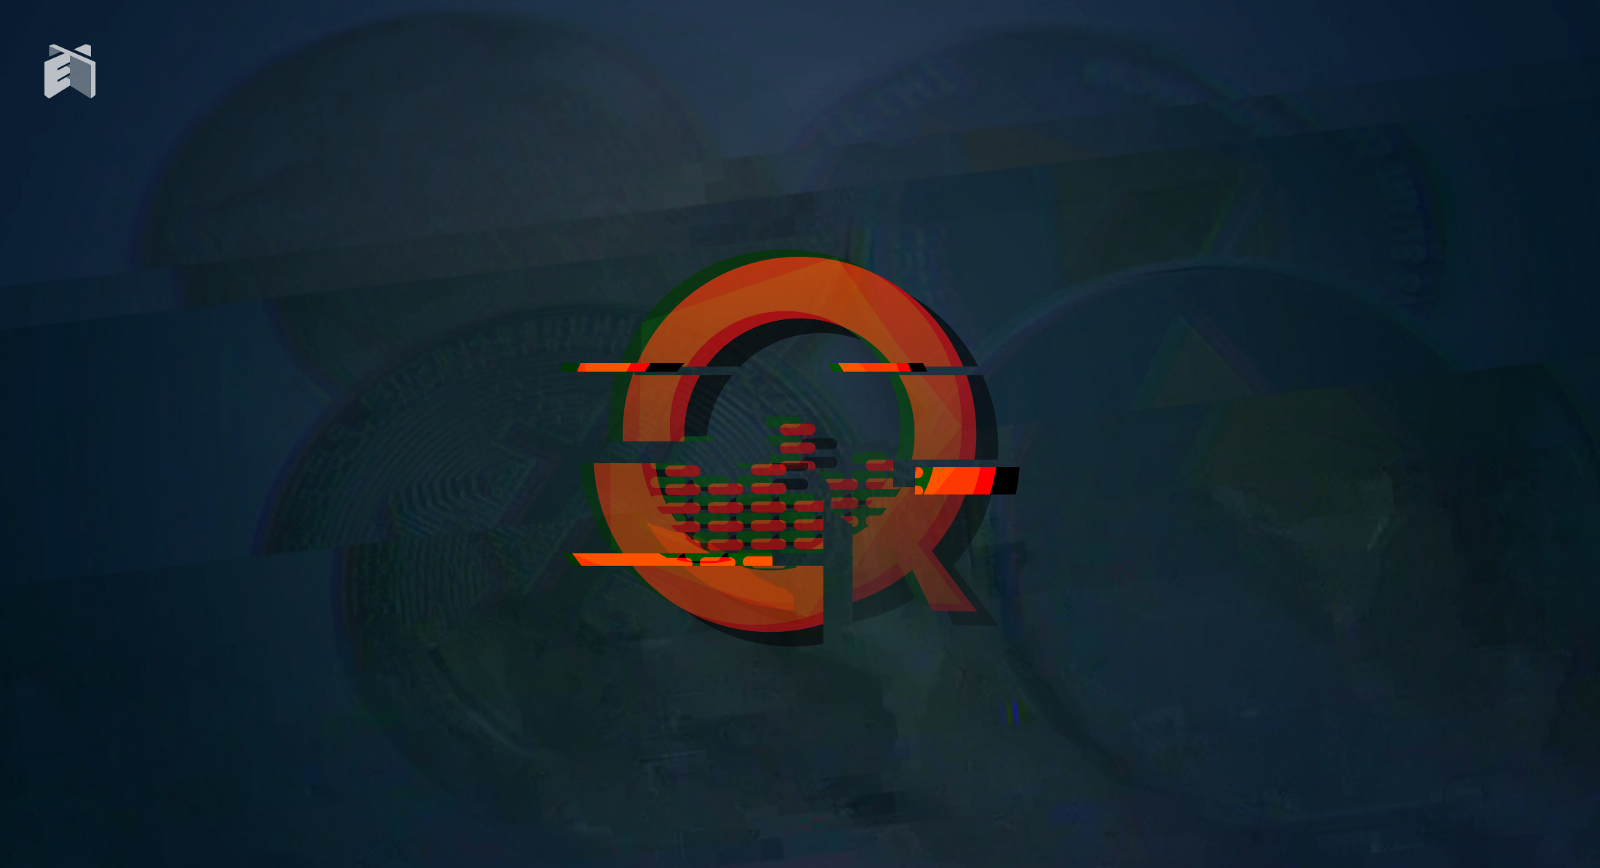 CEO del extinto exchange QuadrigaCX usaba fondos de los clientes durante años